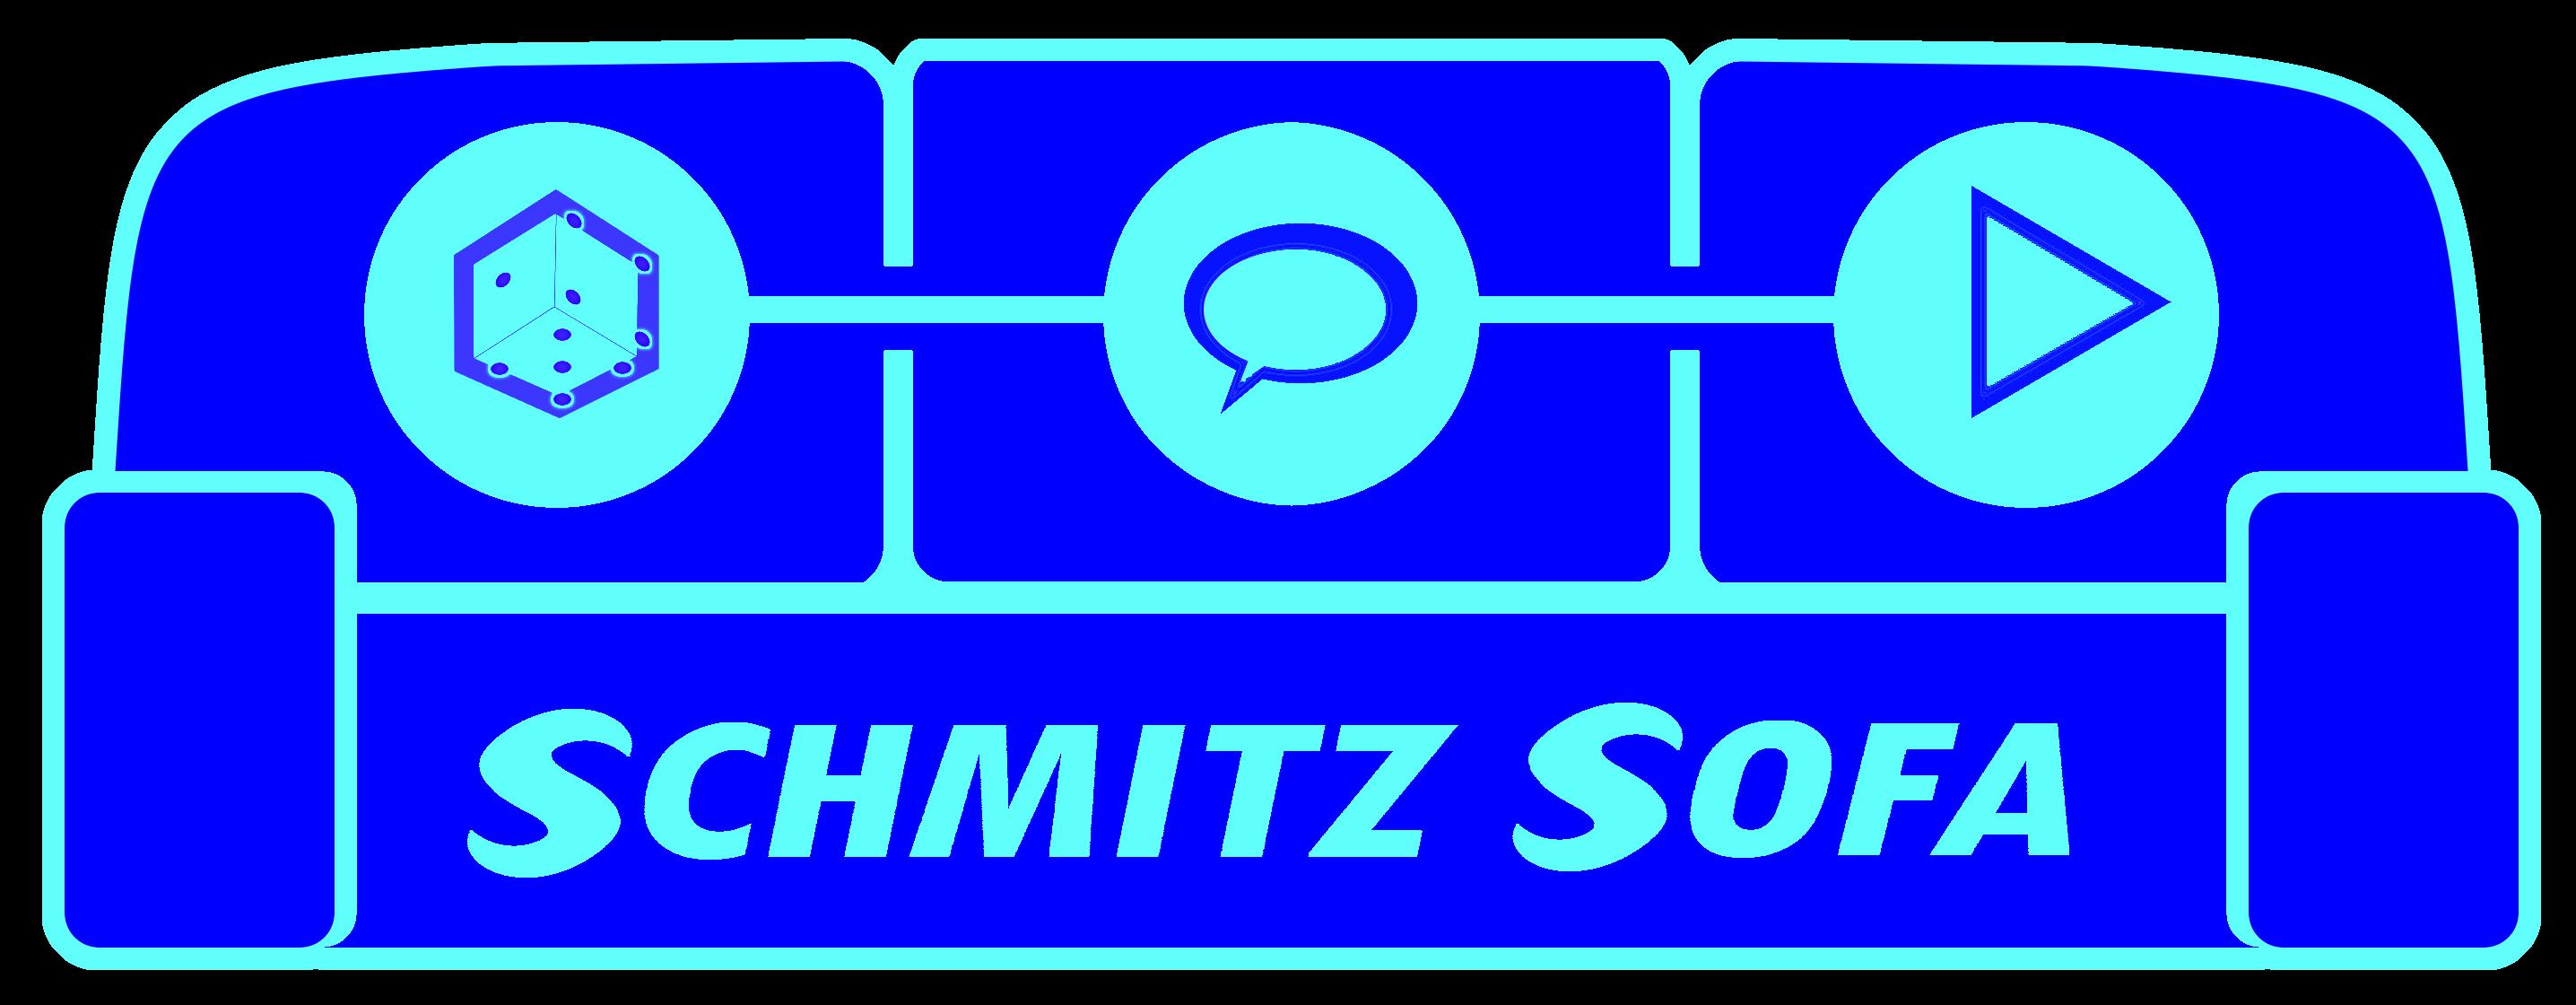 Schmitz Sofa